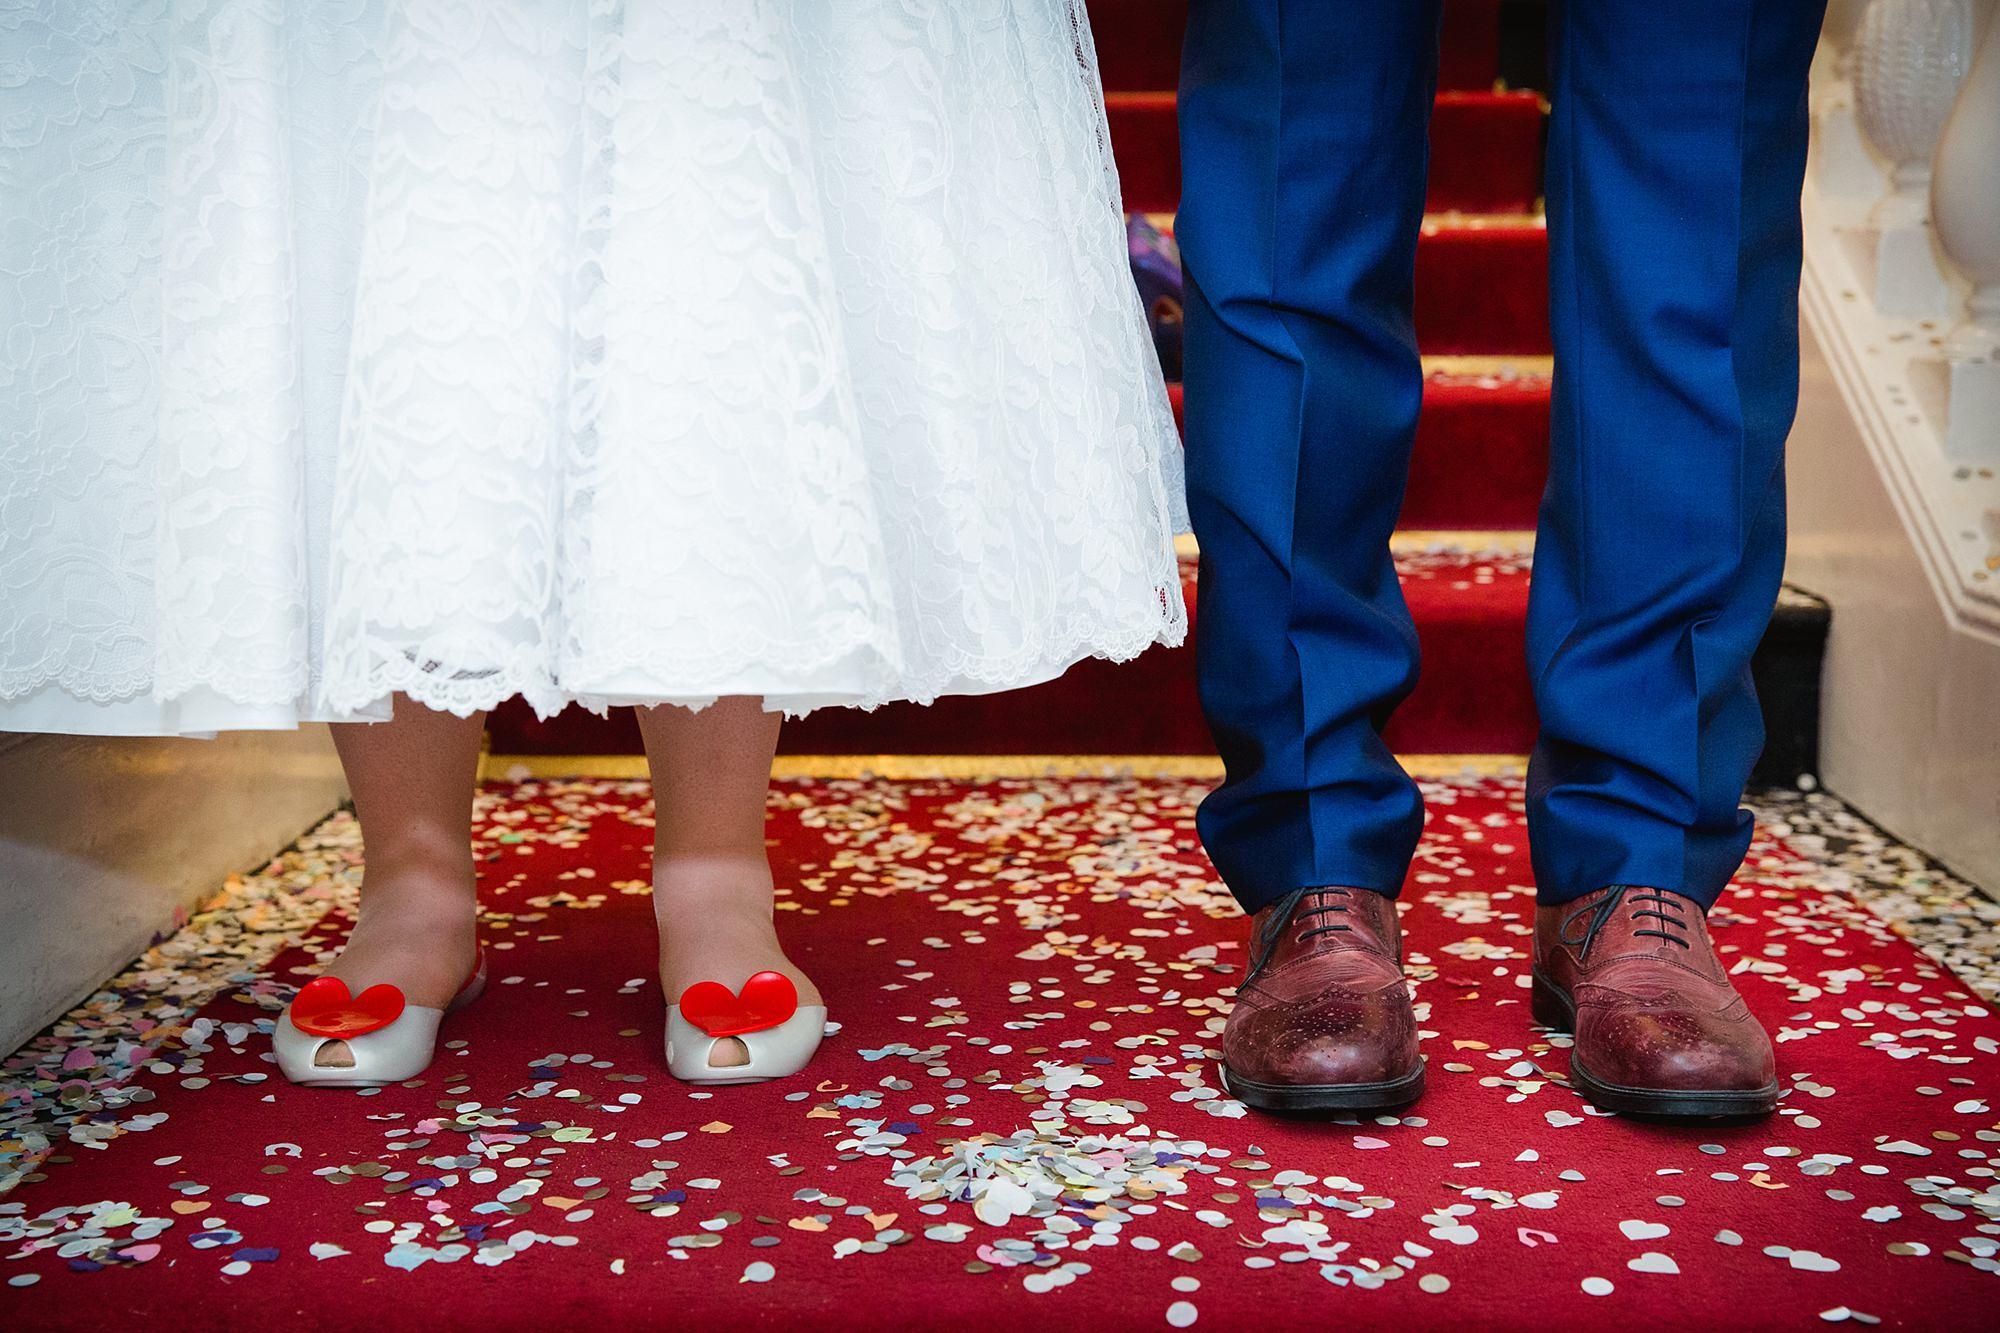 Trafalgar Tavern wedding bride and groom's shoes in confetti